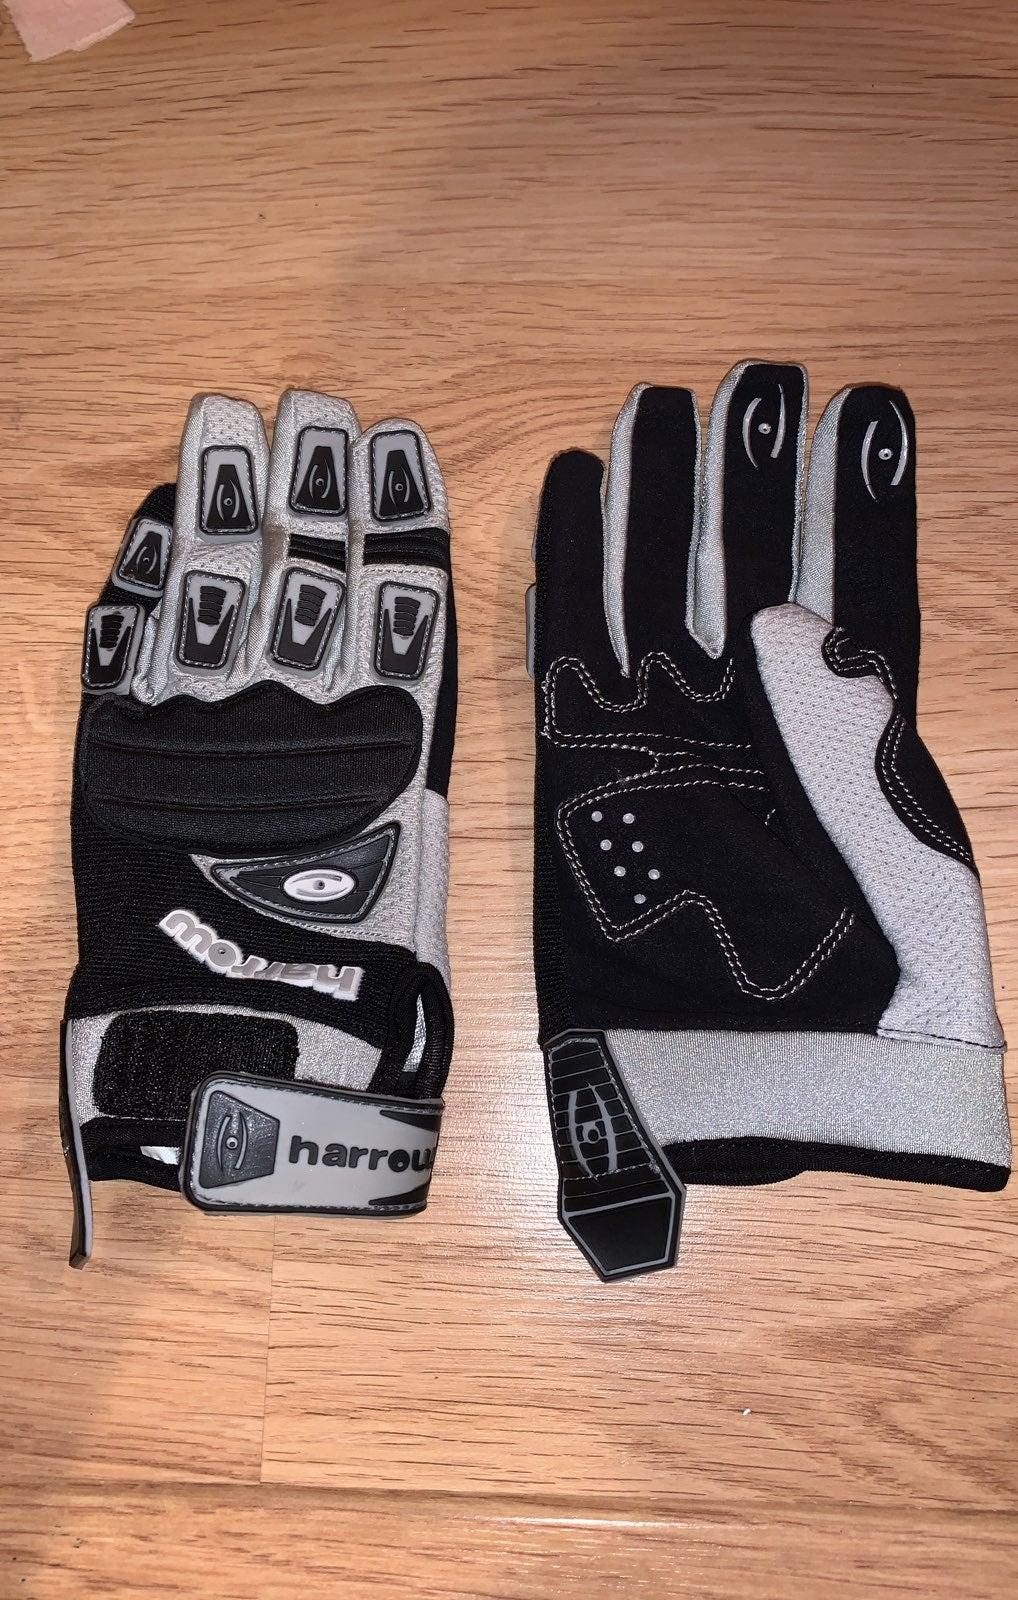 Harrow Lacrosse Gloves